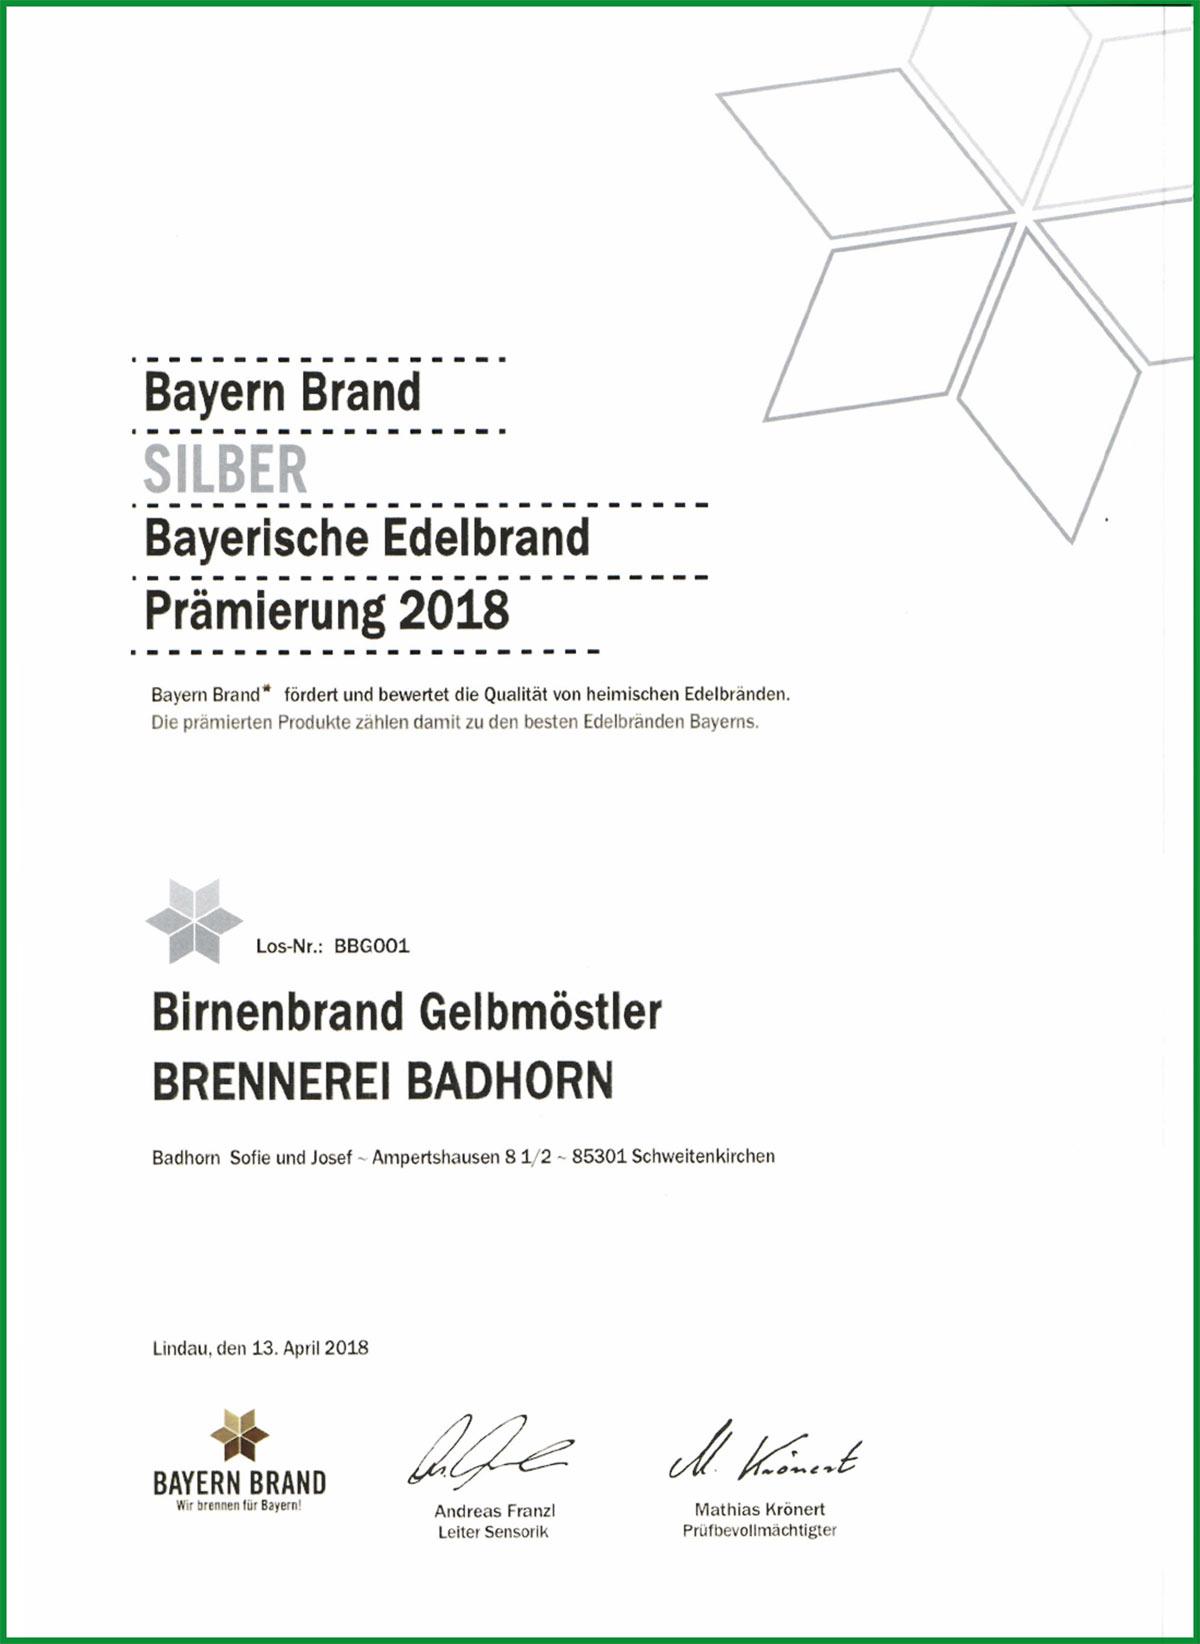 2018_bayern-brand_silber_birnenbrand.jpg